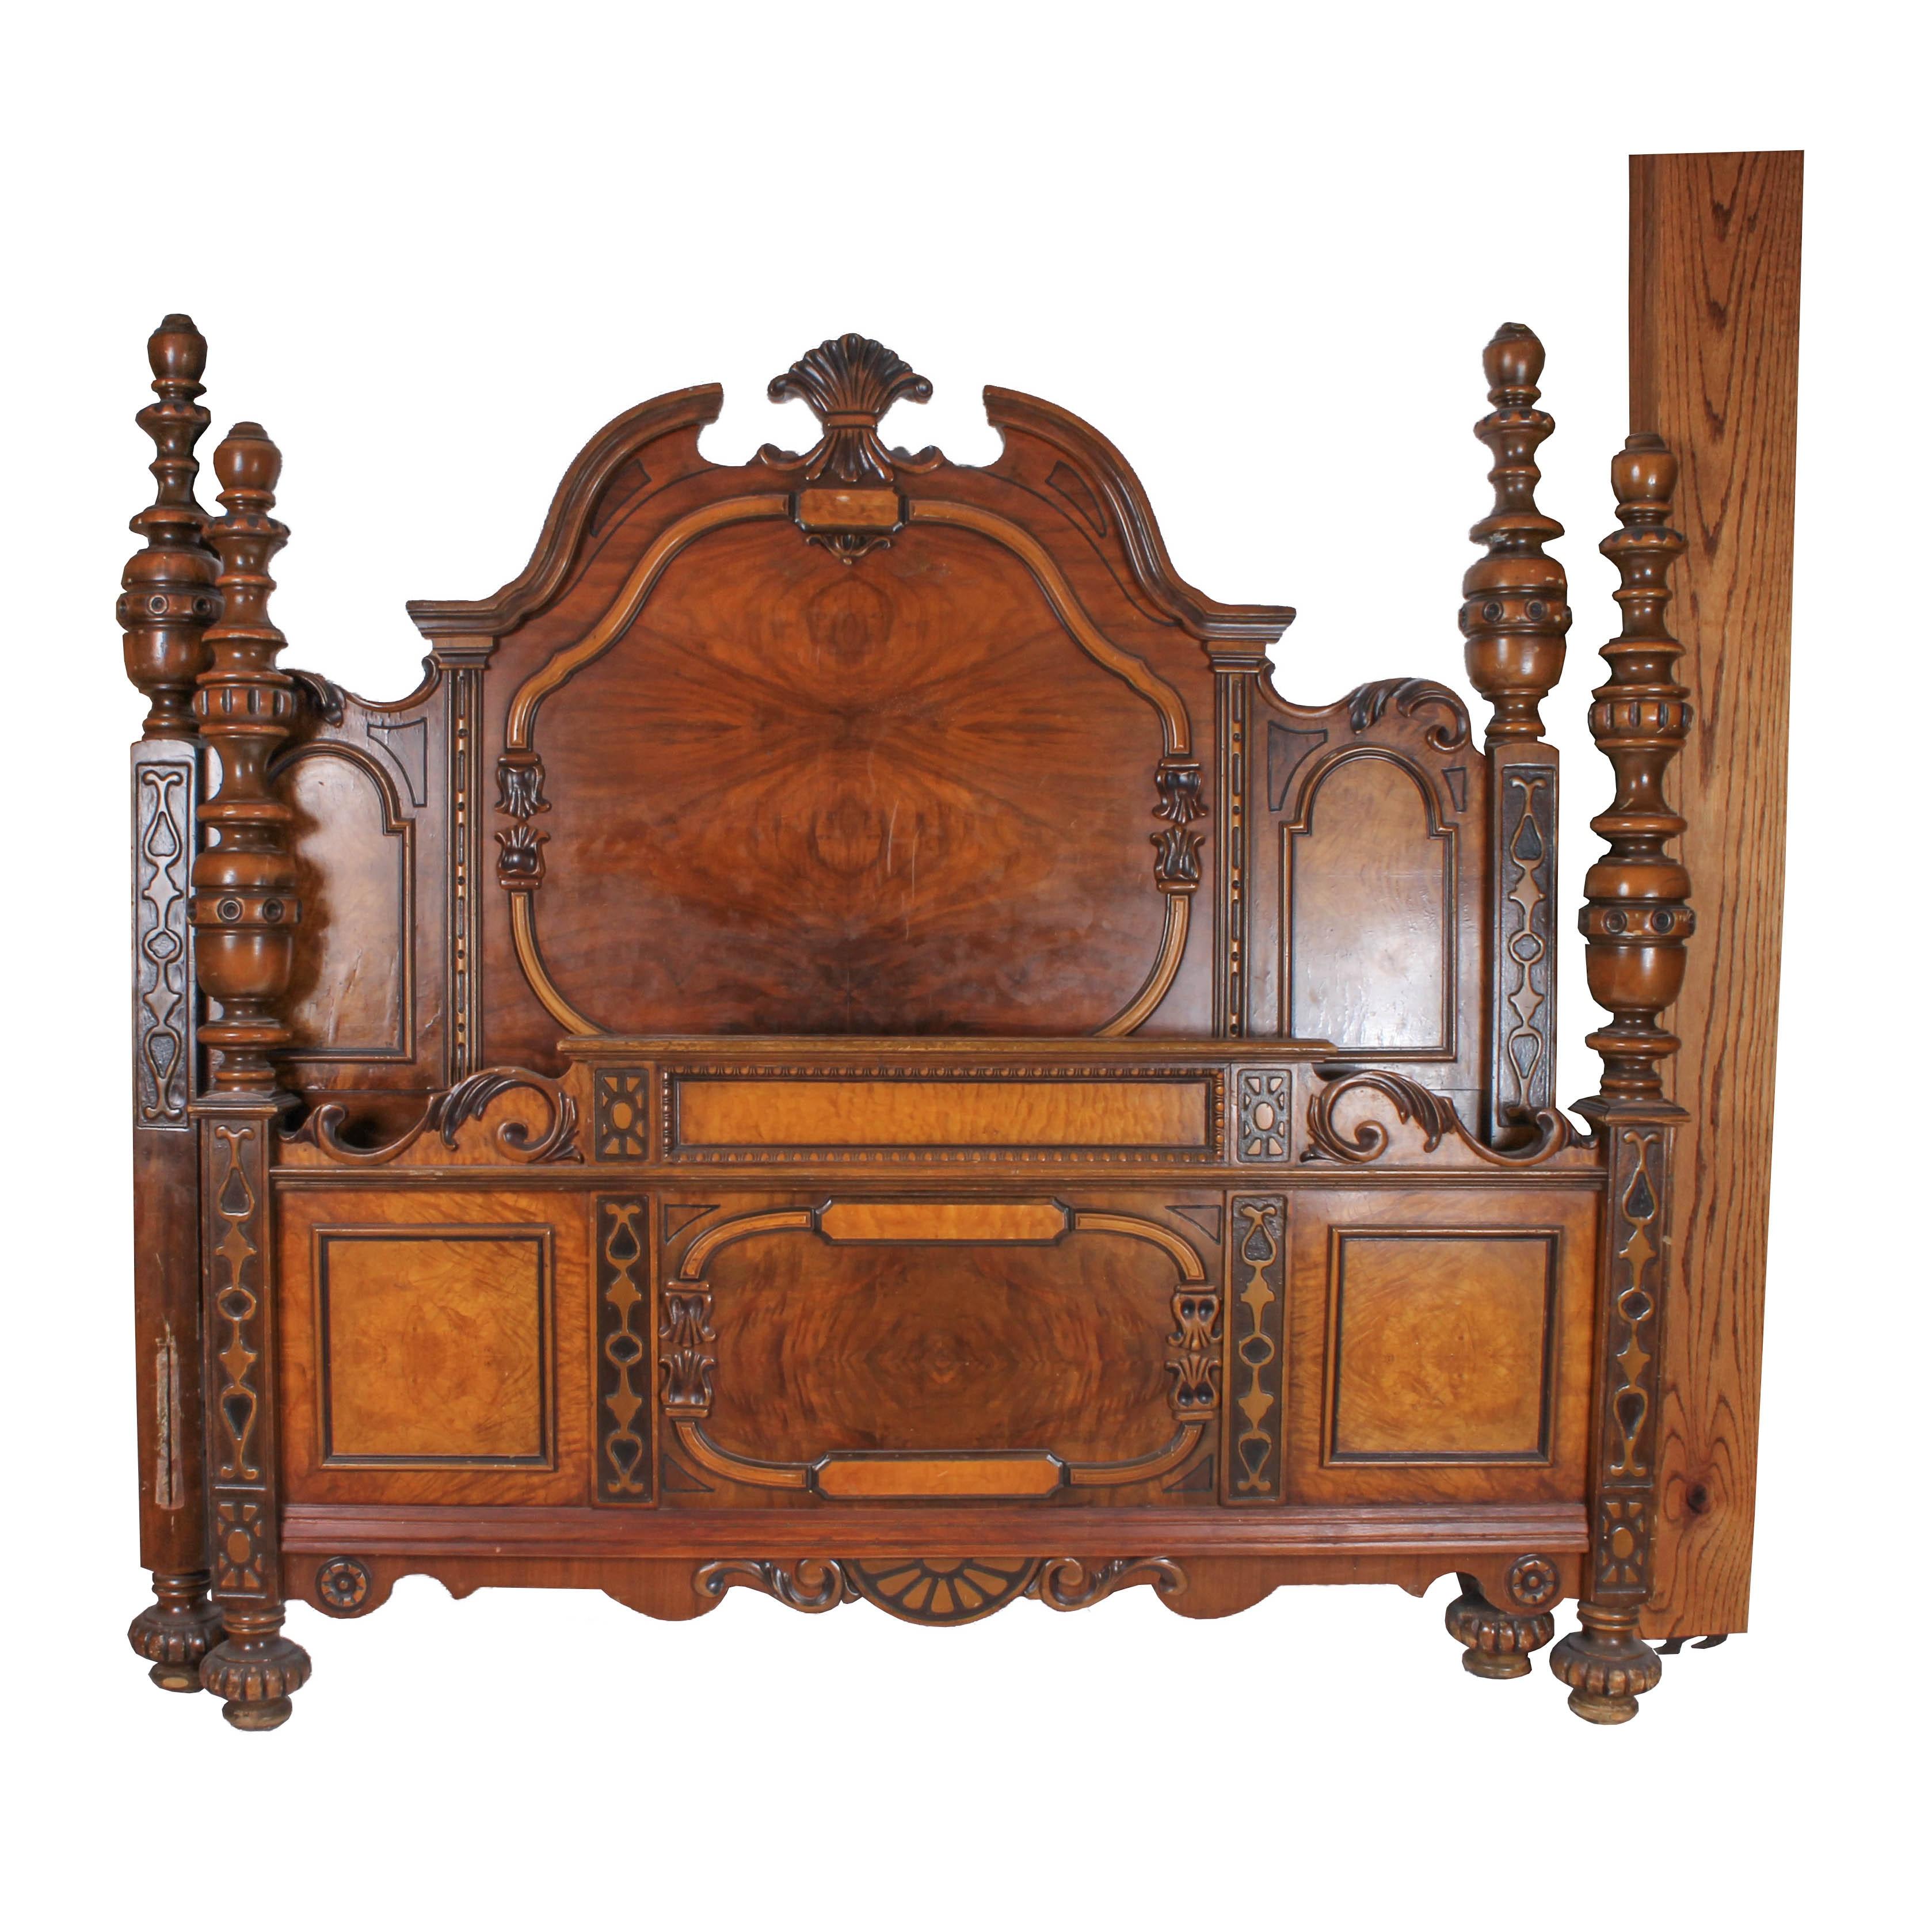 Antique Burl Wood Eastlake Style Bed Frame (Full Size)